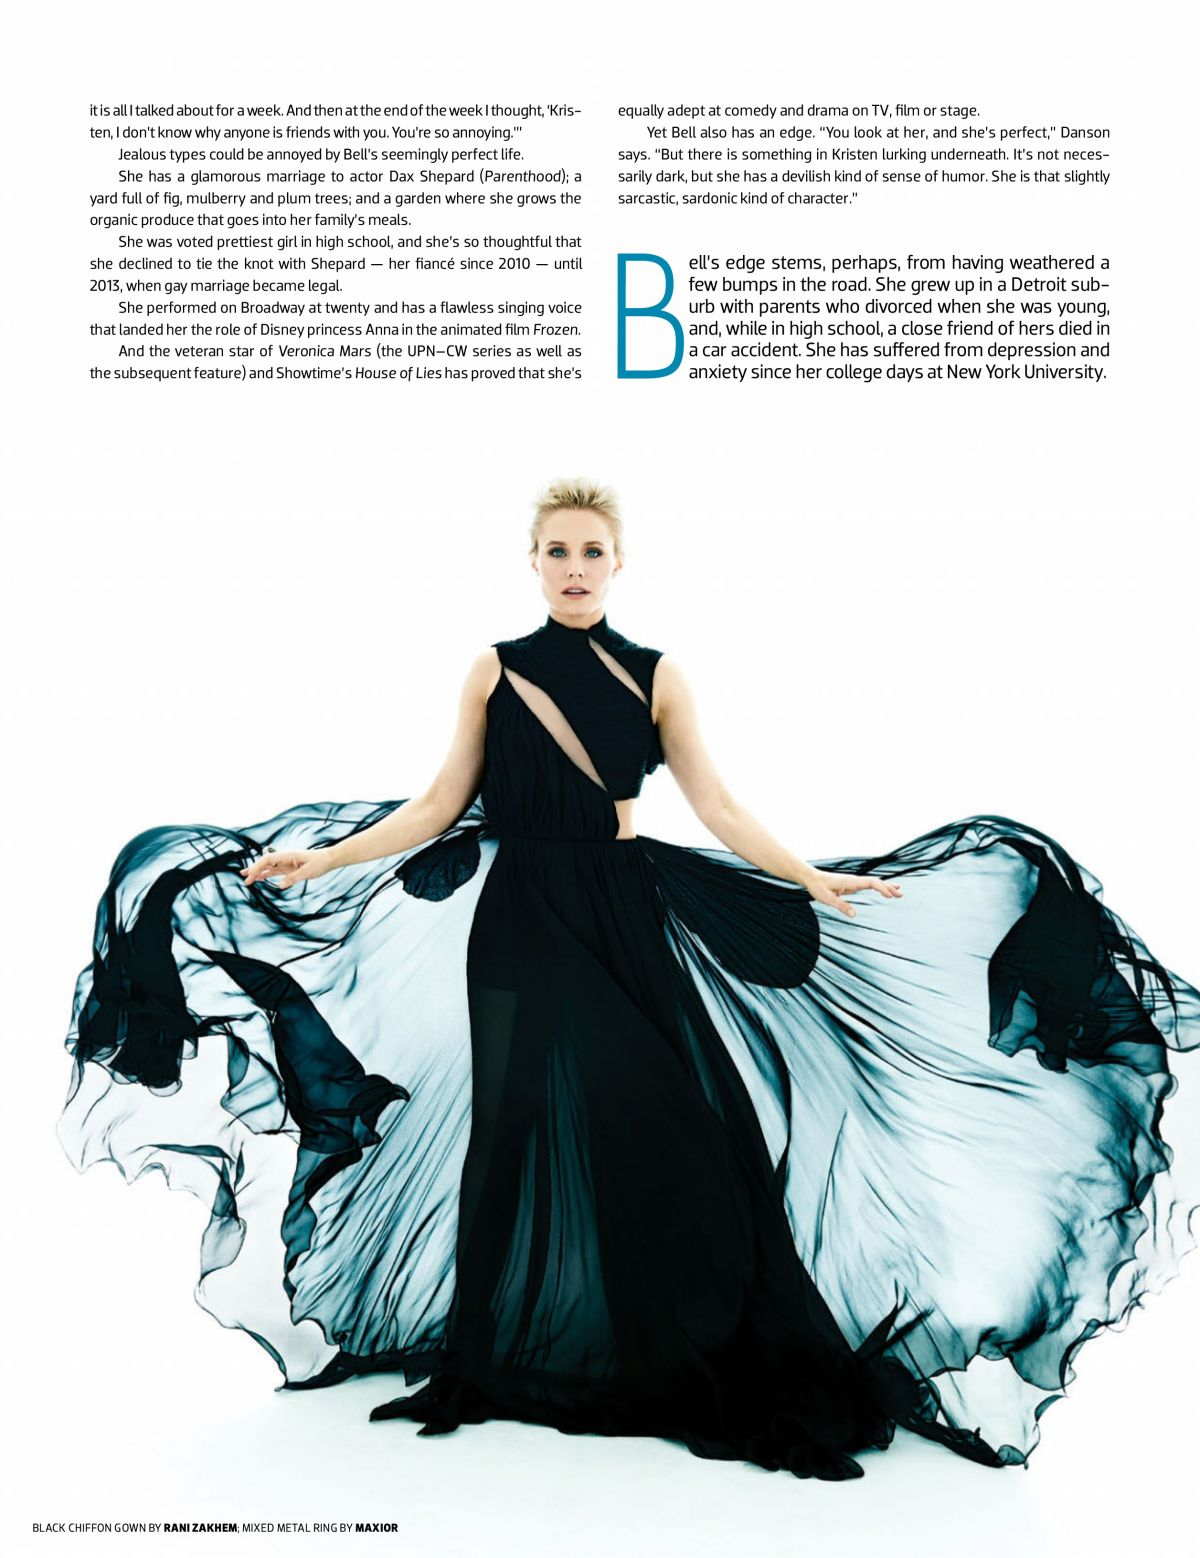 kristen-bell-in-emmy-magazine-issue-no.8-2016_3.jpg